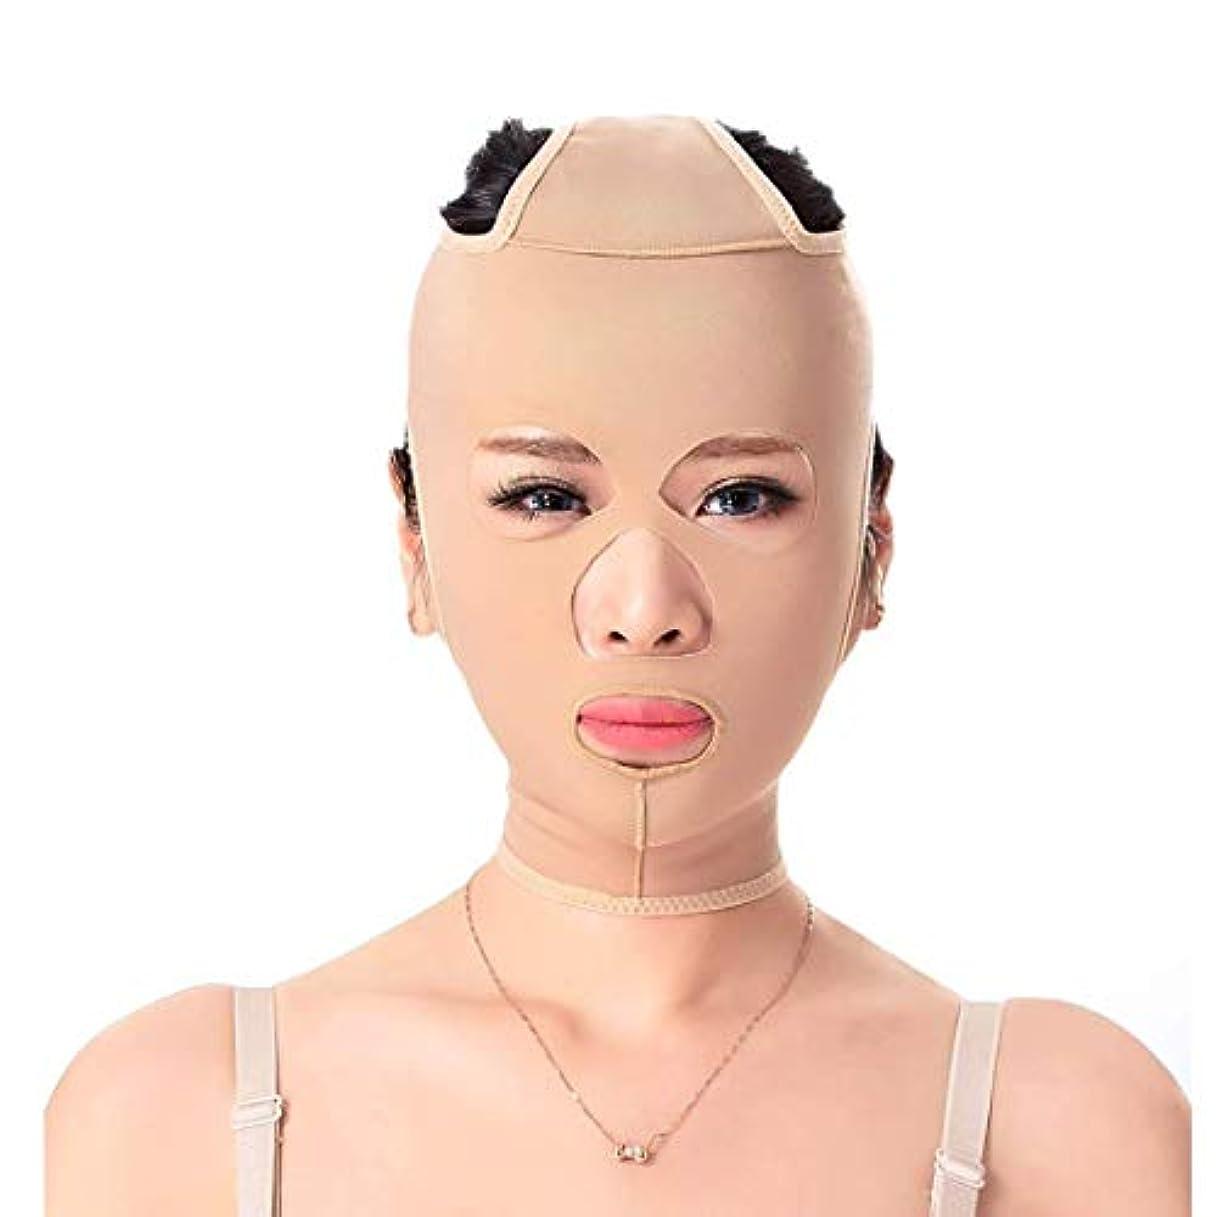 肉屋突き刺す強化スリミングベルト、フェイシャルマスク薄いフェイスマスク布布パターンリフティングダブルあご引き締めフェイシャルプラスチック顔アーティファクト強力な顔包帯(サイズ:S)